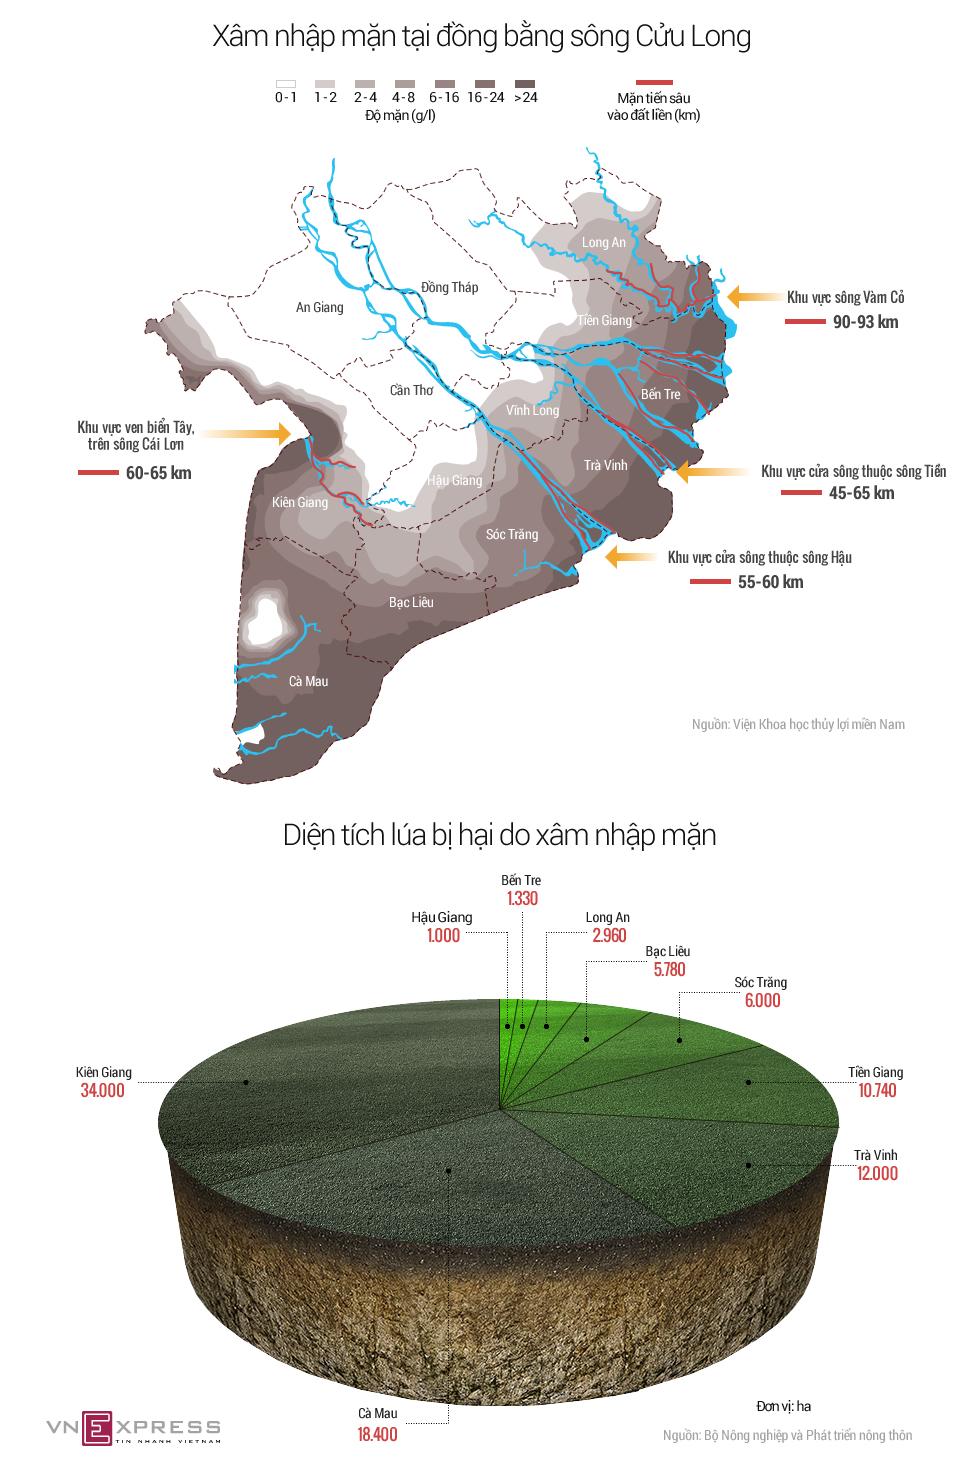 Đồng bằng sông Cửu Long bị xâm nhập mặn thế nào